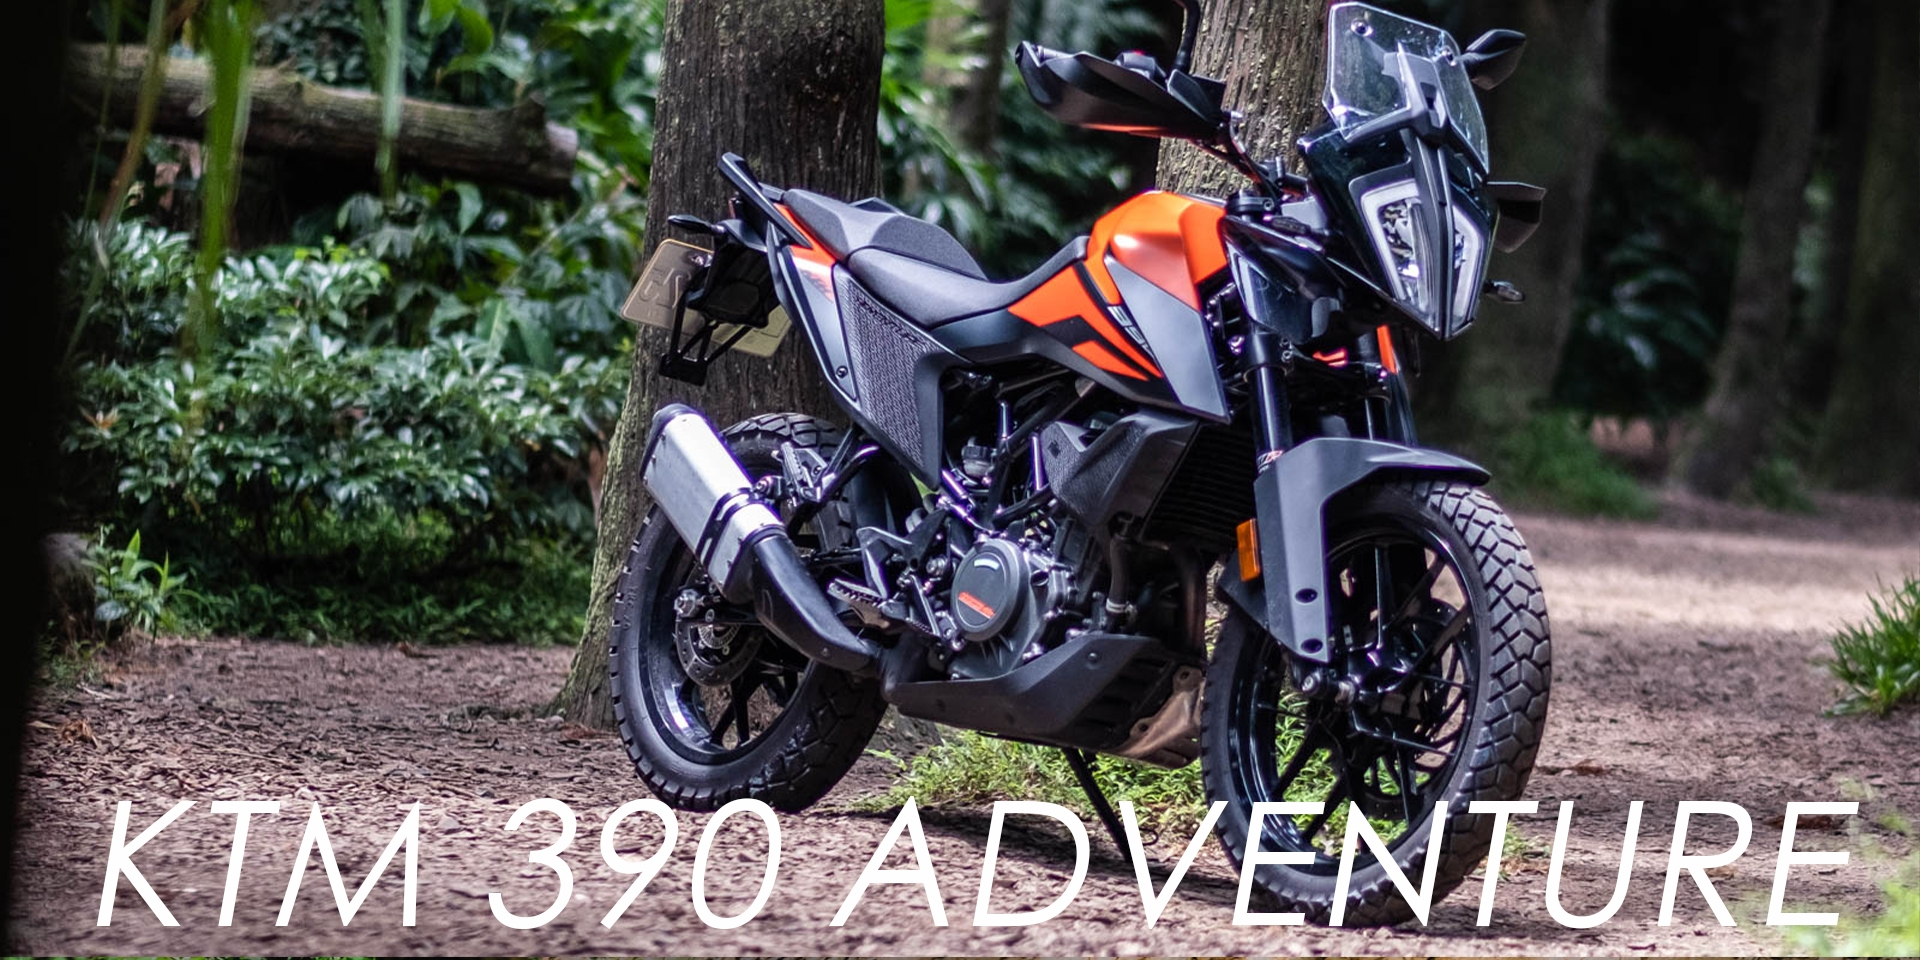 通勤、旅遊、越野。KTM 390 ADVENTURE 實用玩樂滿點的三棲冒險家!